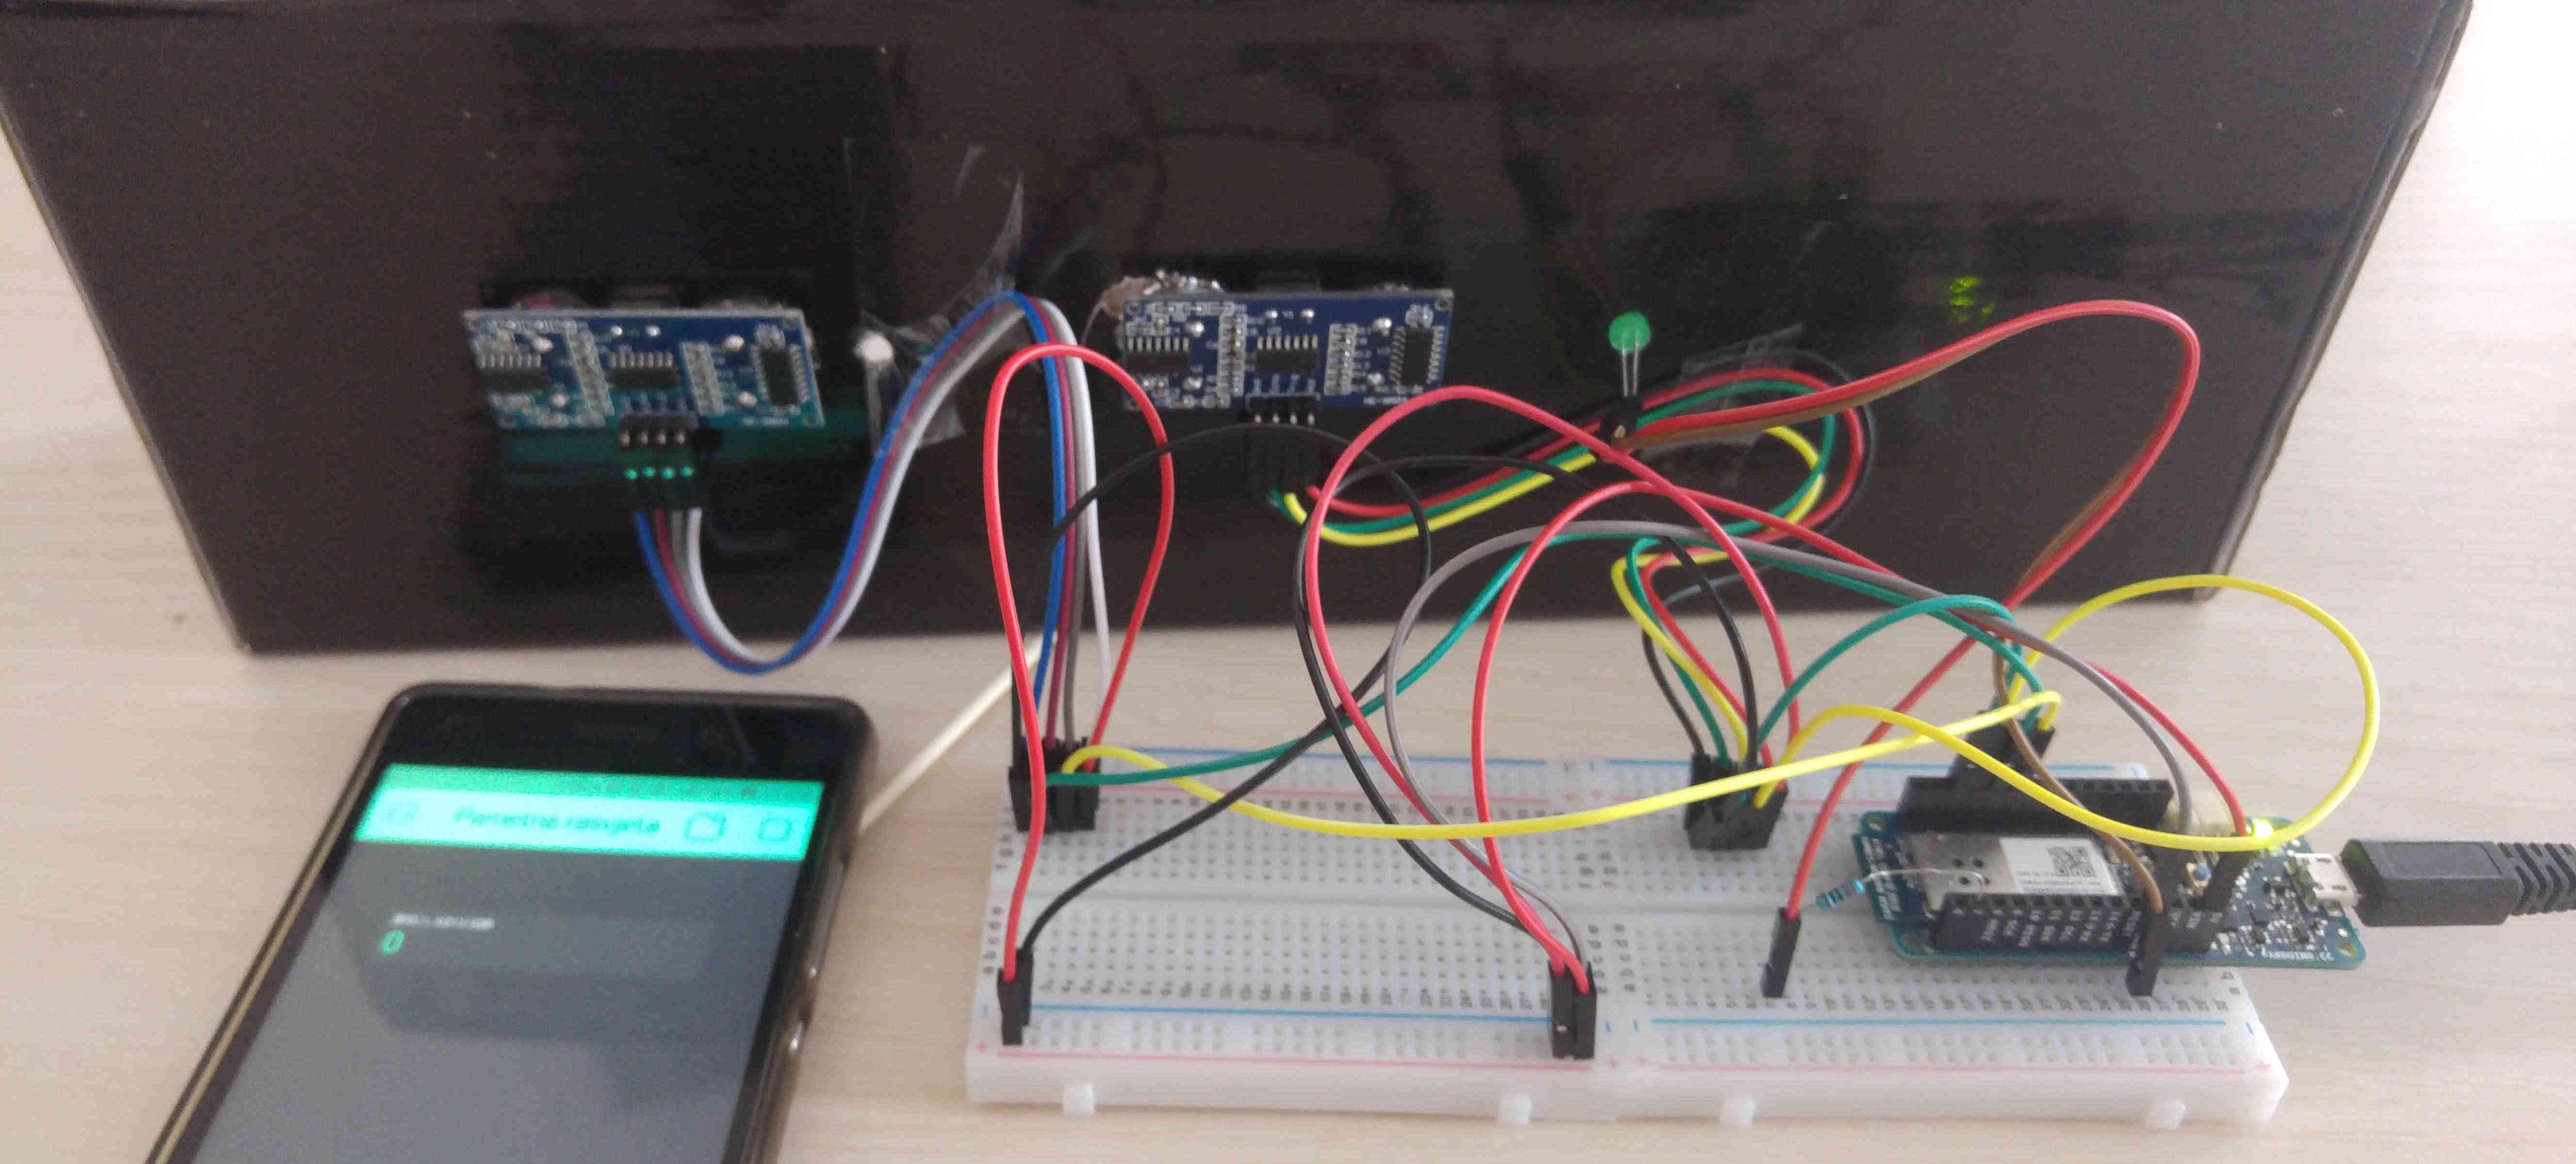 Drugo mjesto na natječaju Internet of Things: Pametna rasvjeta u organizaciji IRIM-a